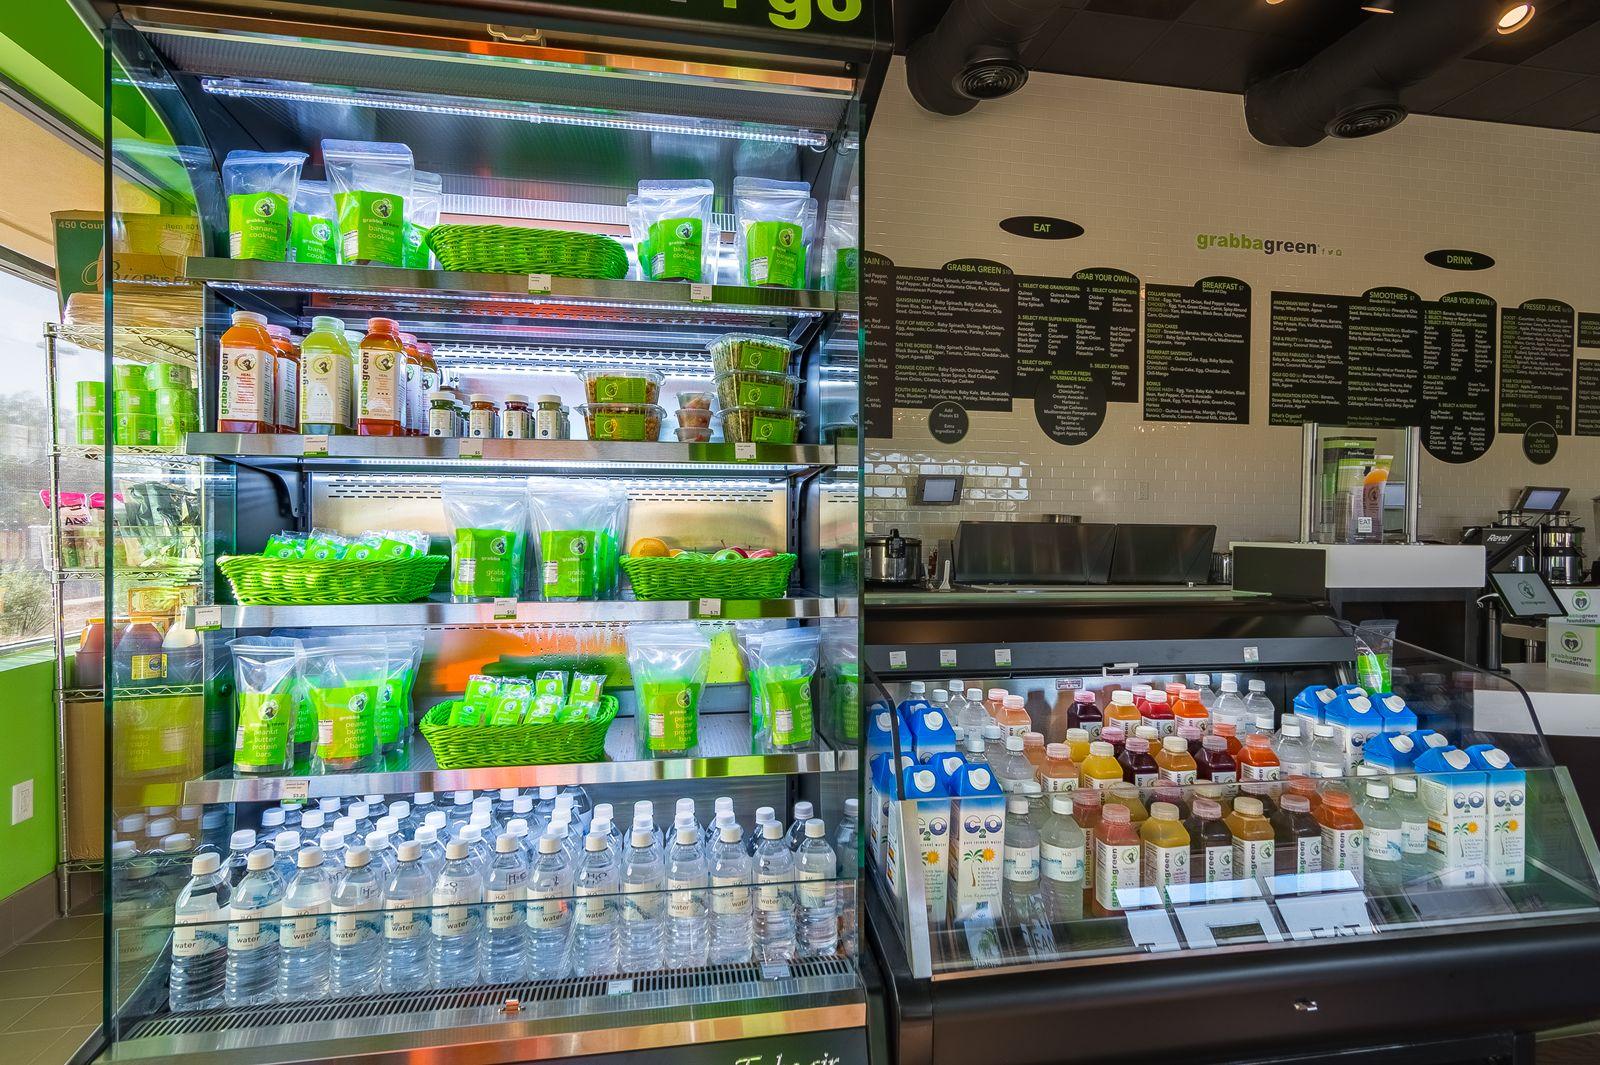 Popular Healthy Fast Food Restaurant Grabbagreen Opens In